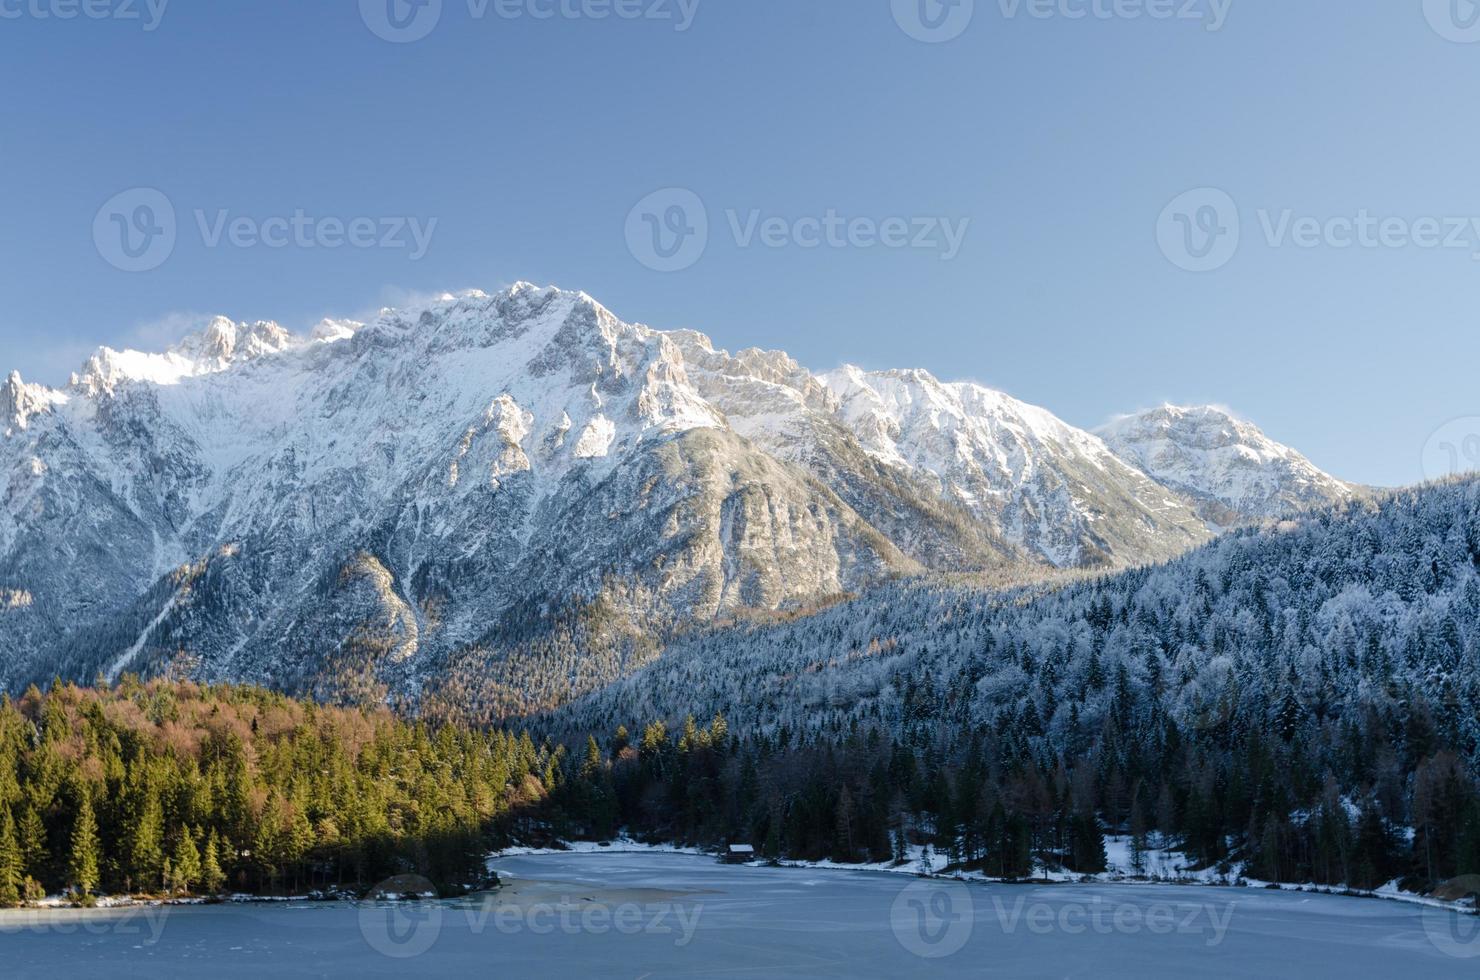 gefrorener See Lautersee bei Fäustlingwald foto